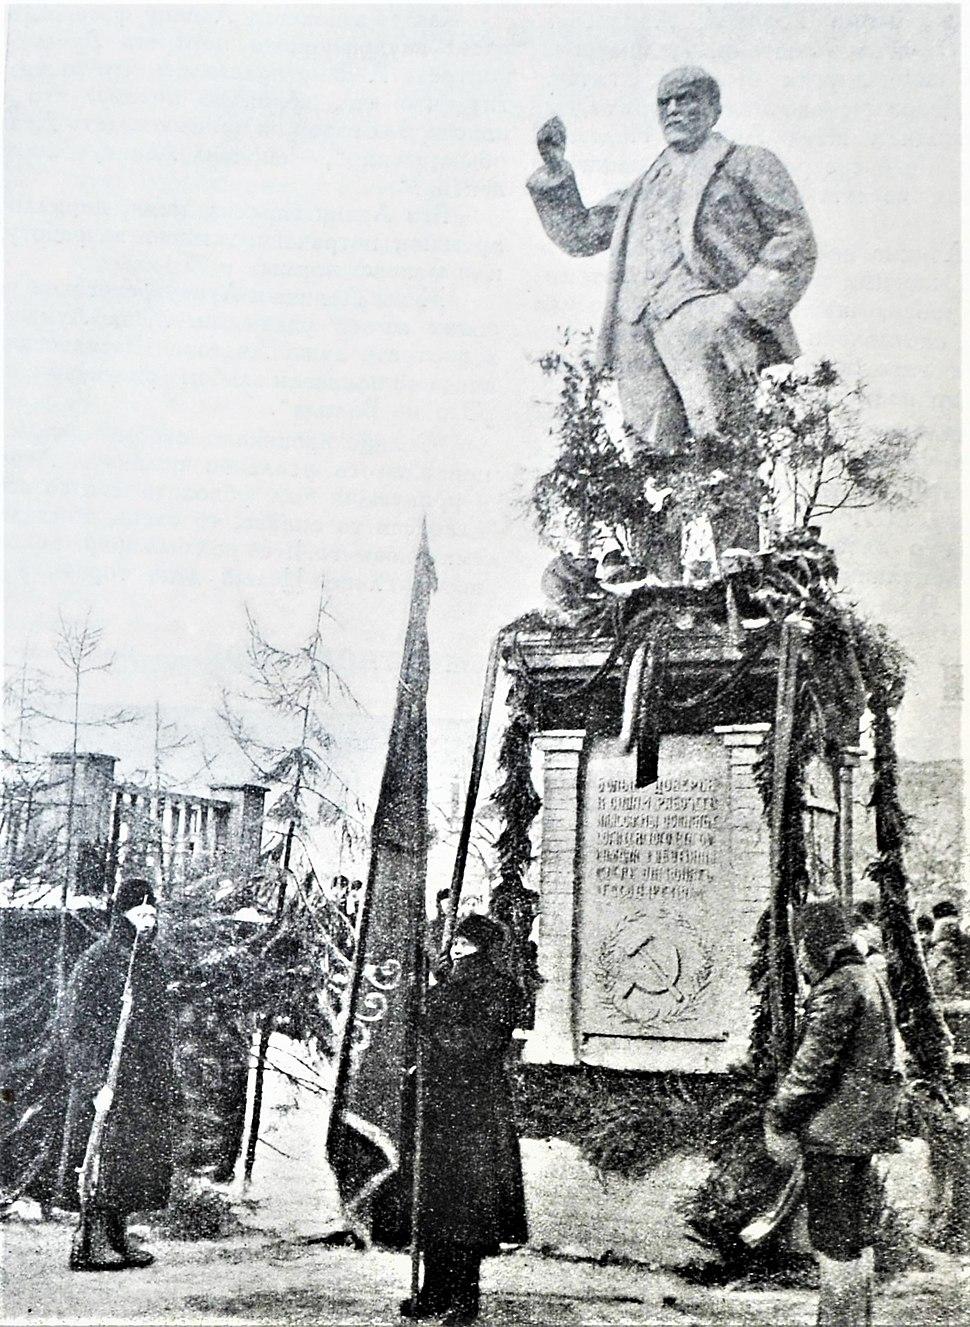 First Lenin statue in USSR 1924